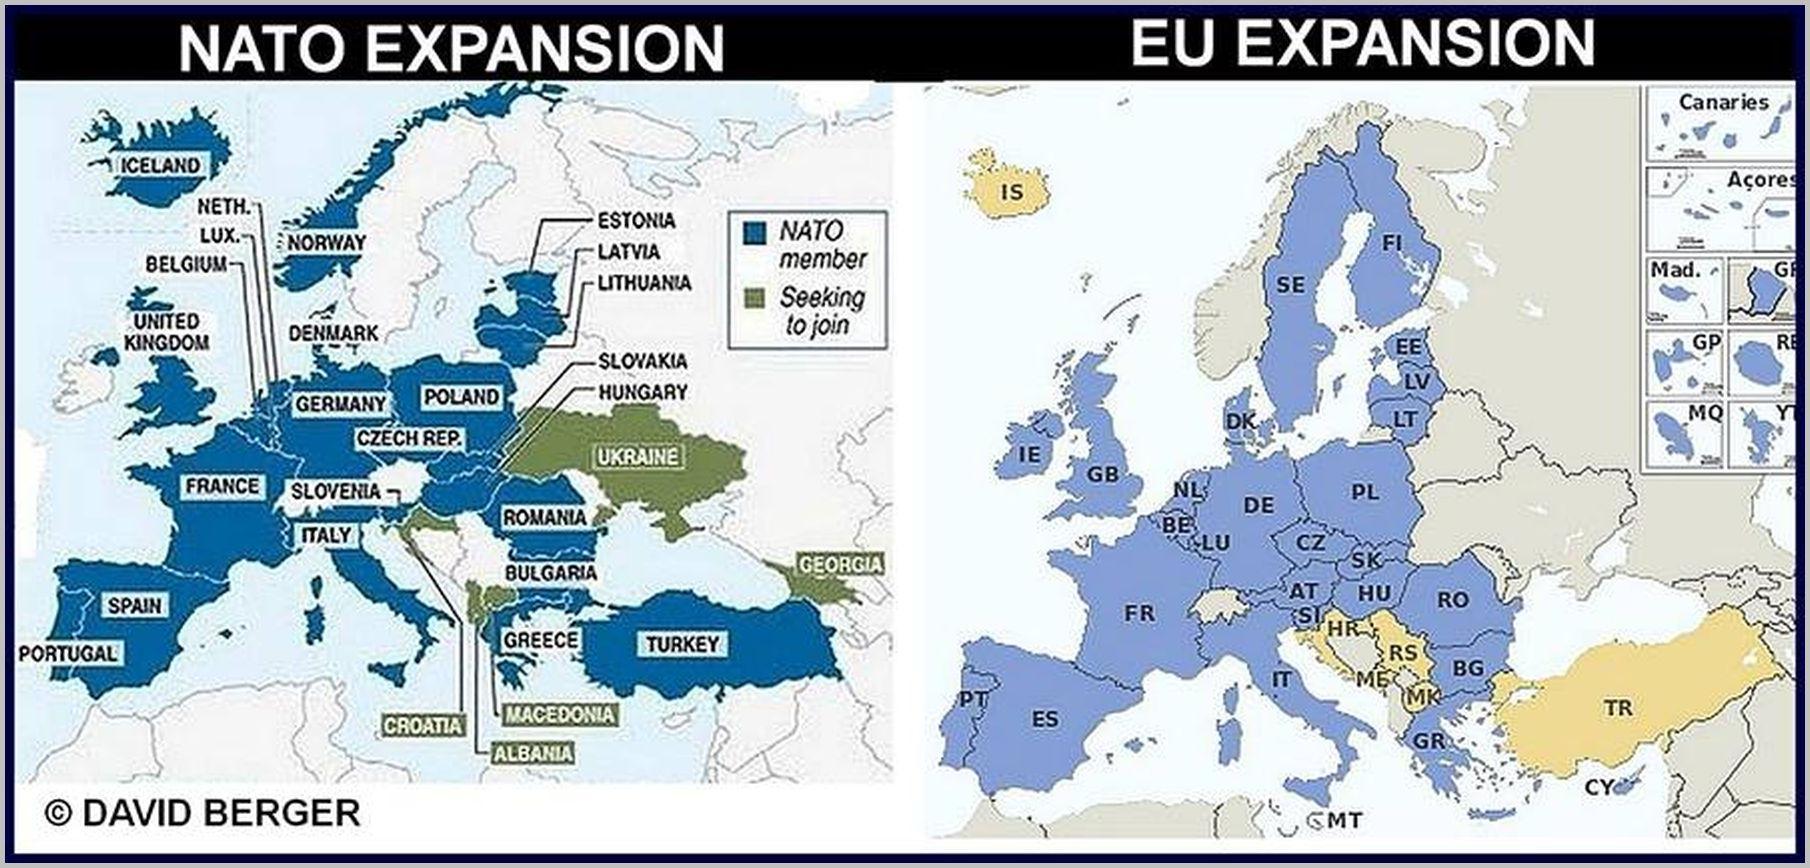 NATO Expansion, EU Expansion